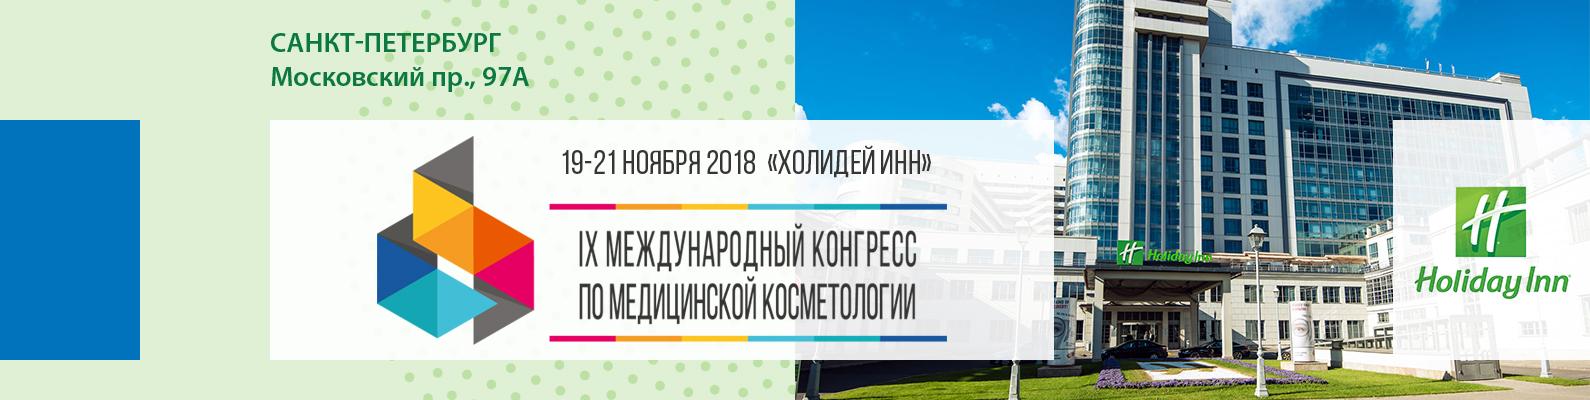 Конгресс Косметологов ноябрь 2018 Петербург